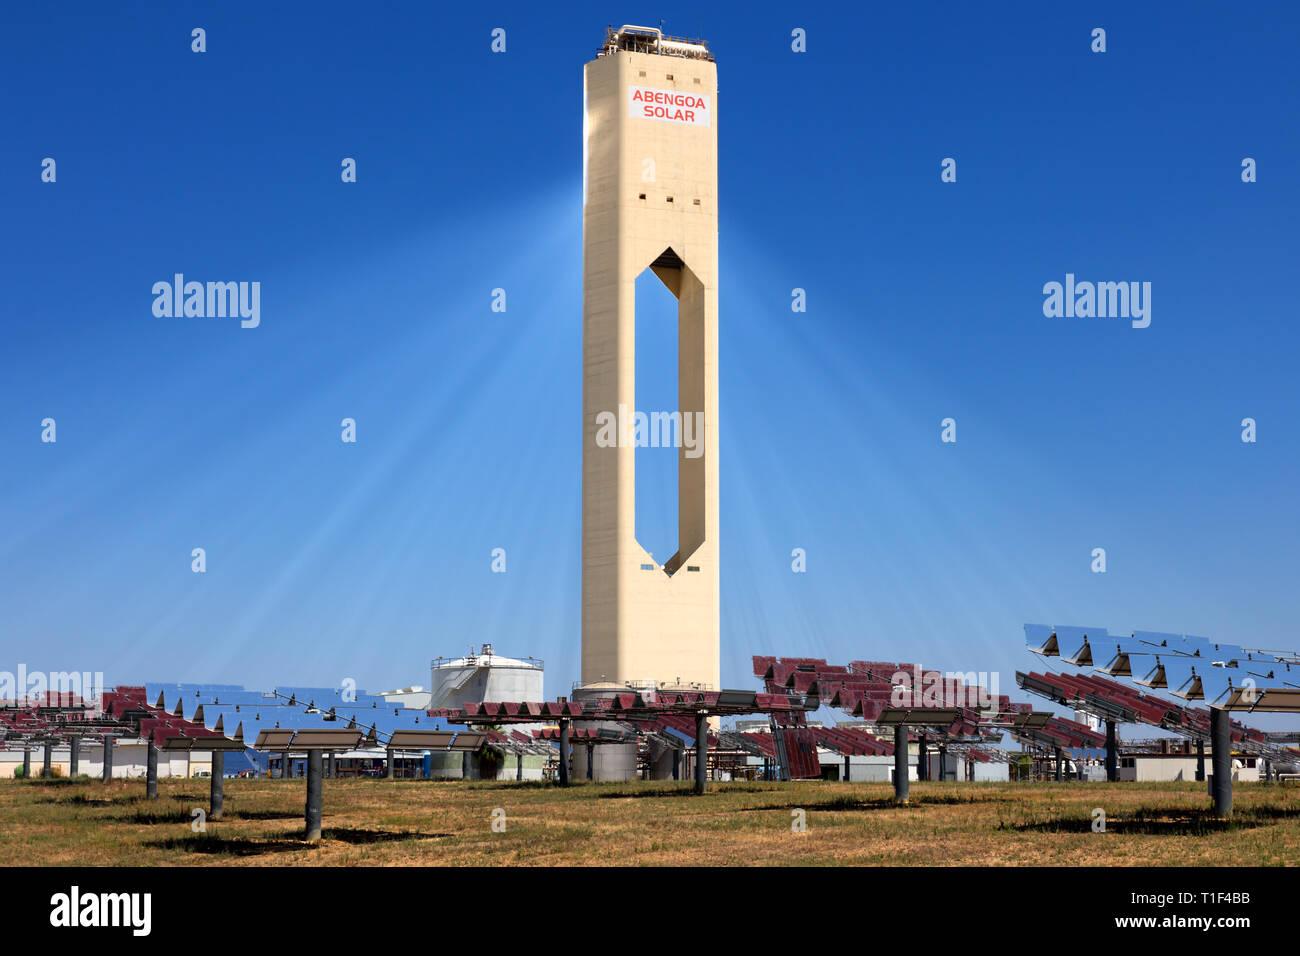 Sevilla - Abengoa Solar Power Plant, utilizando la energía solar concentrada. Imagen De Stock